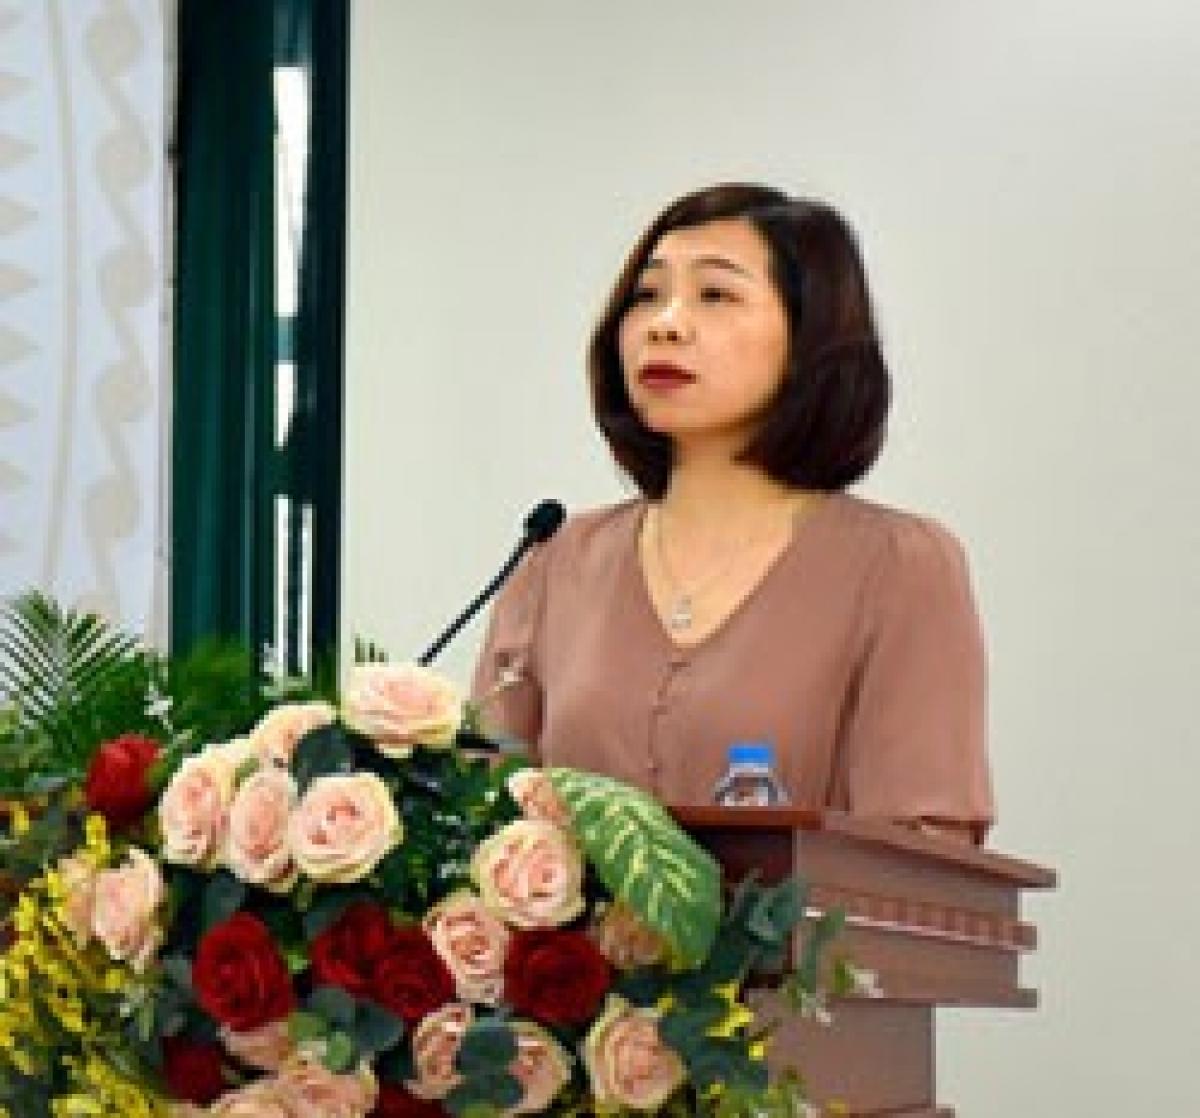 PGS.TS. Nguyễn Thị Trường Giang. (ảnh: Học viện Báo chí & Tuyên truyền)